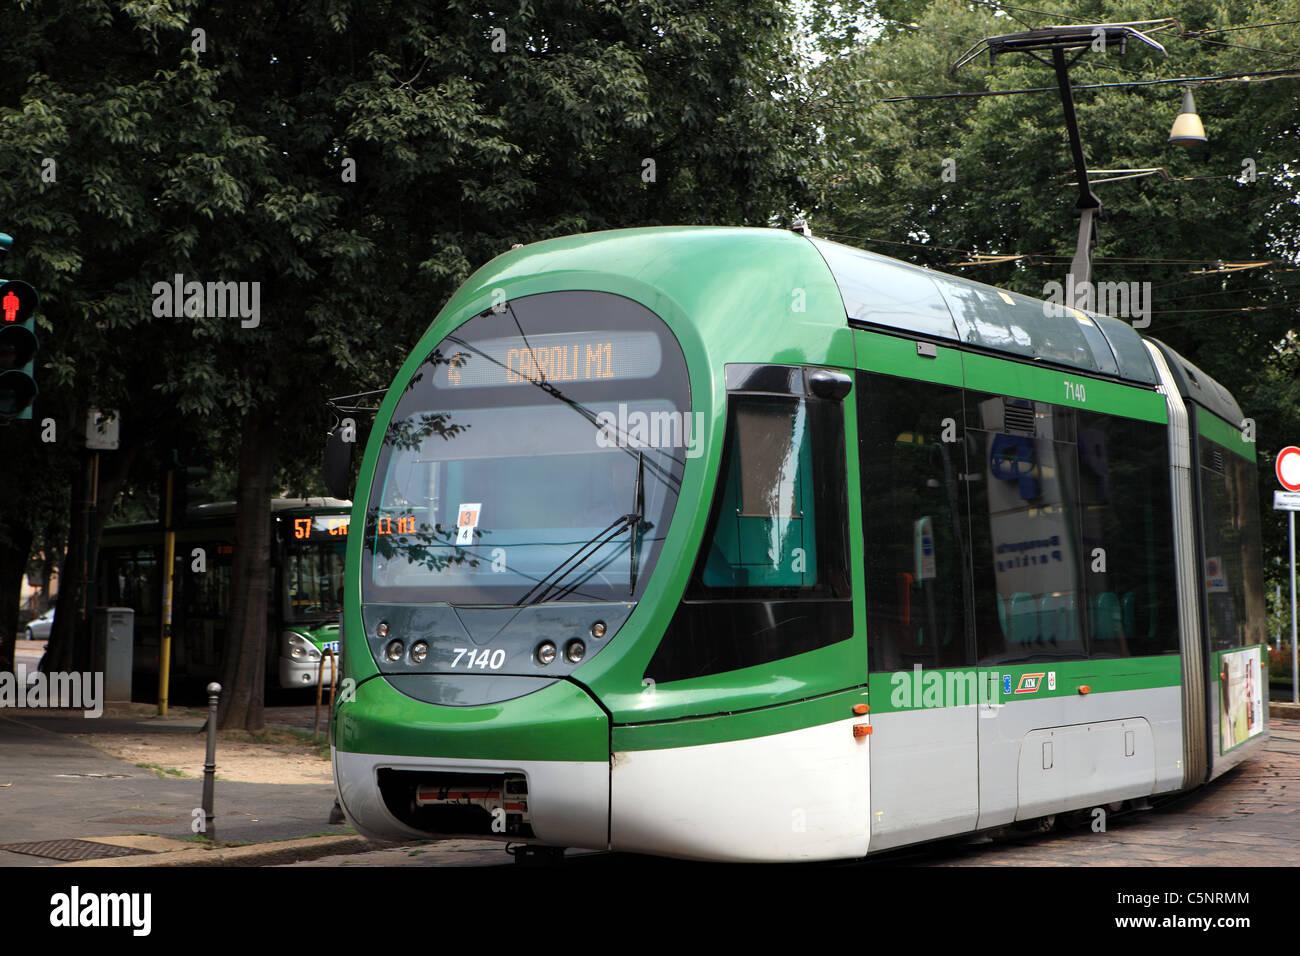 Tram in Milan - Stock Image